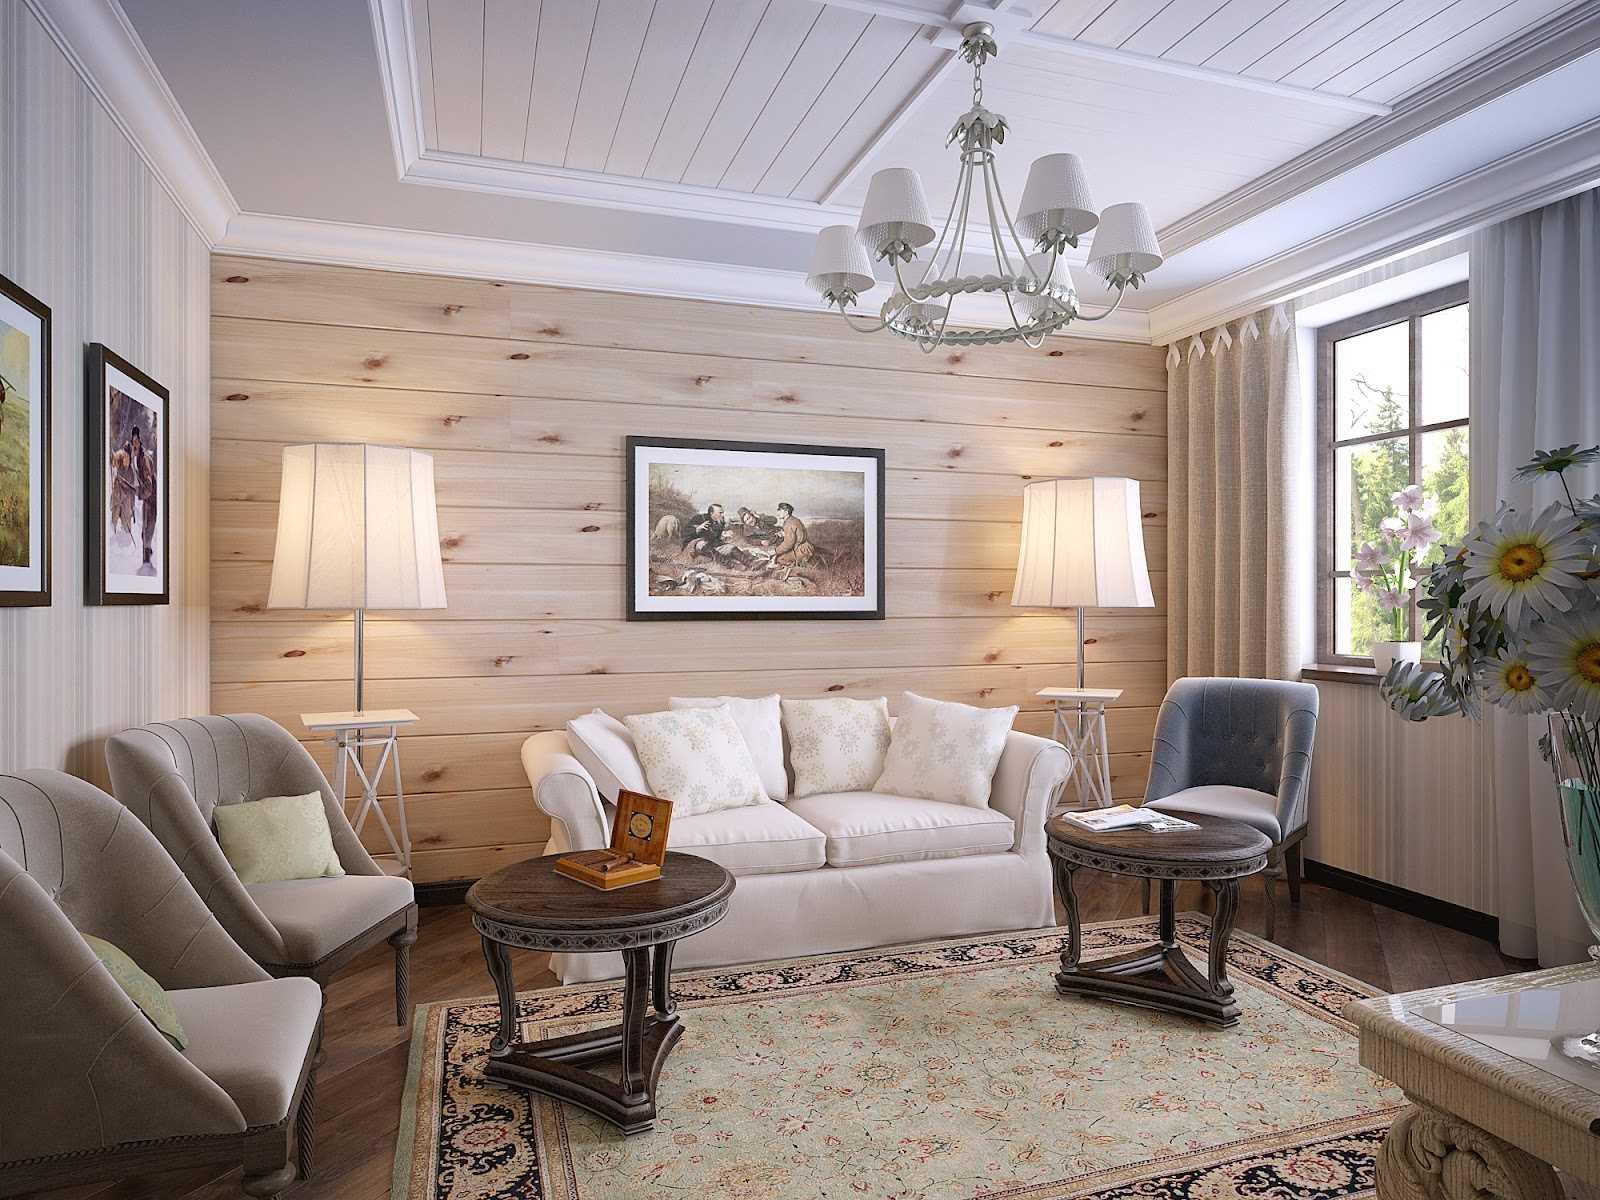 идеи оформления интерьера гостиной